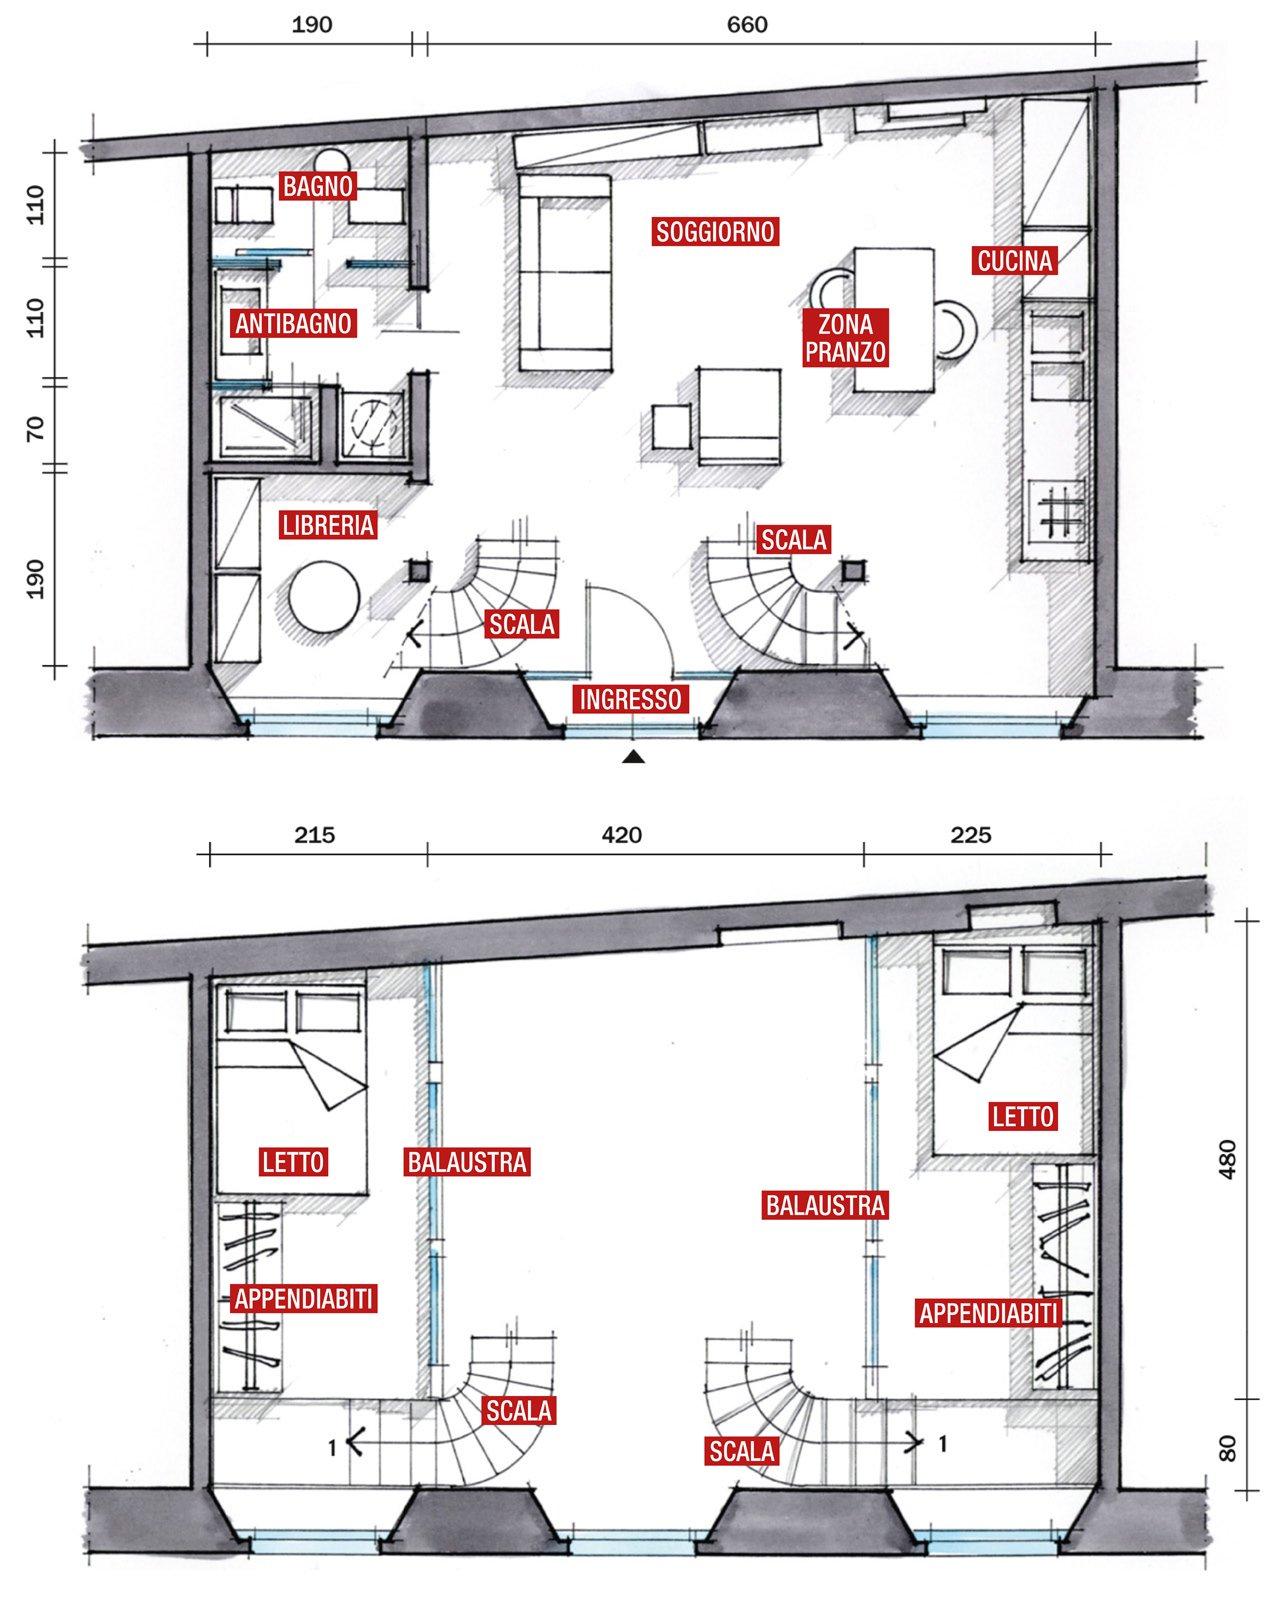 Mini loft la casa recupera spazio con nuovi soppalchi for 2 piani di garage per auto con soppalco